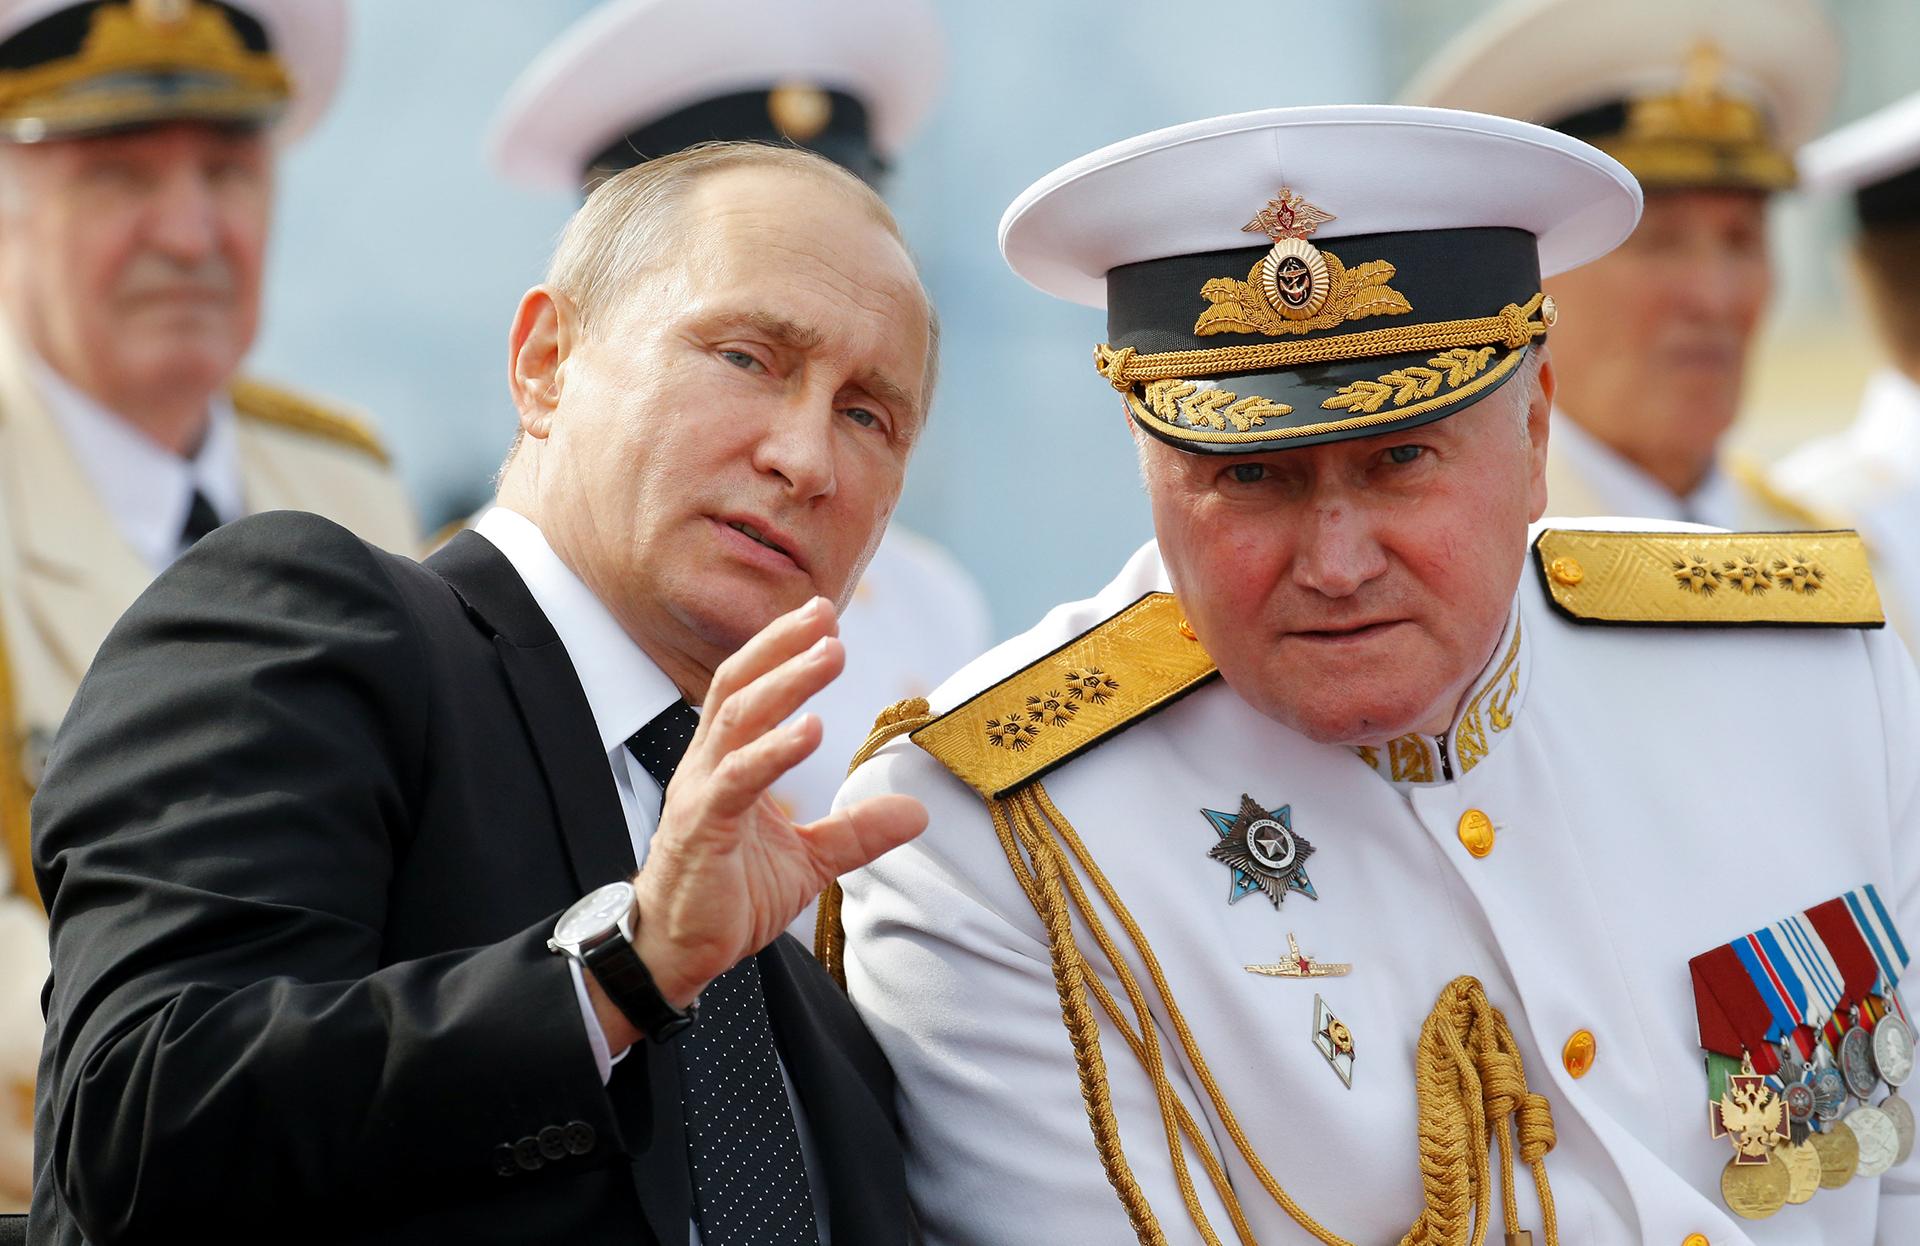 Vladimr Putín hablando con el Jefe de la Armada,el AdmiralVladimir Korolev, durante el desfile naval (Reuters)